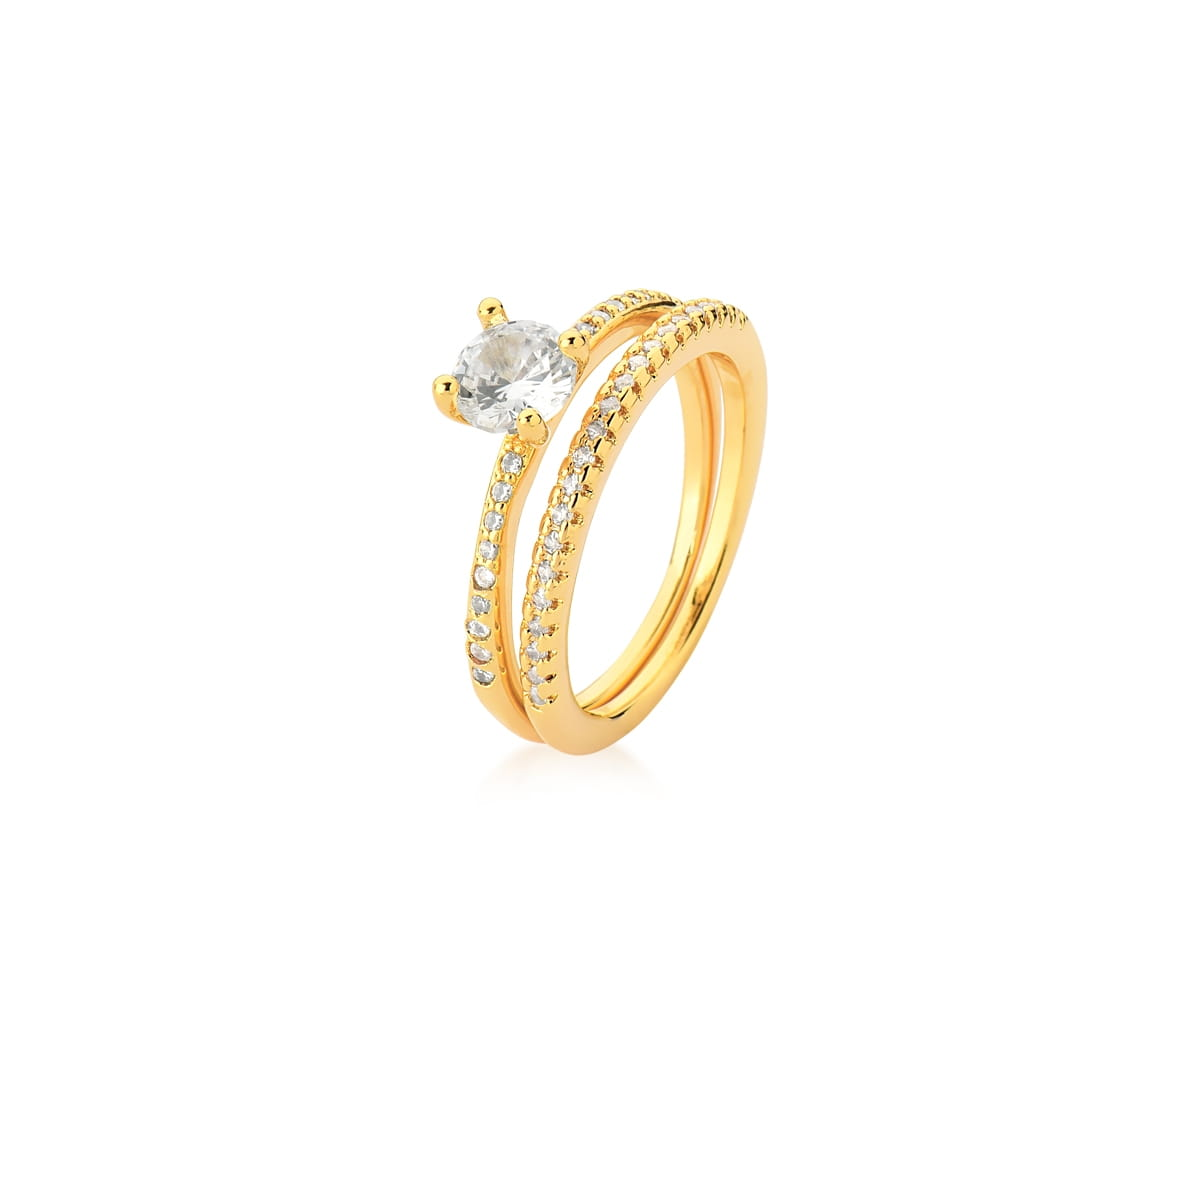 Anel Duplo com Cristal Oval e Zircônias Brancas Banhado a Ouro